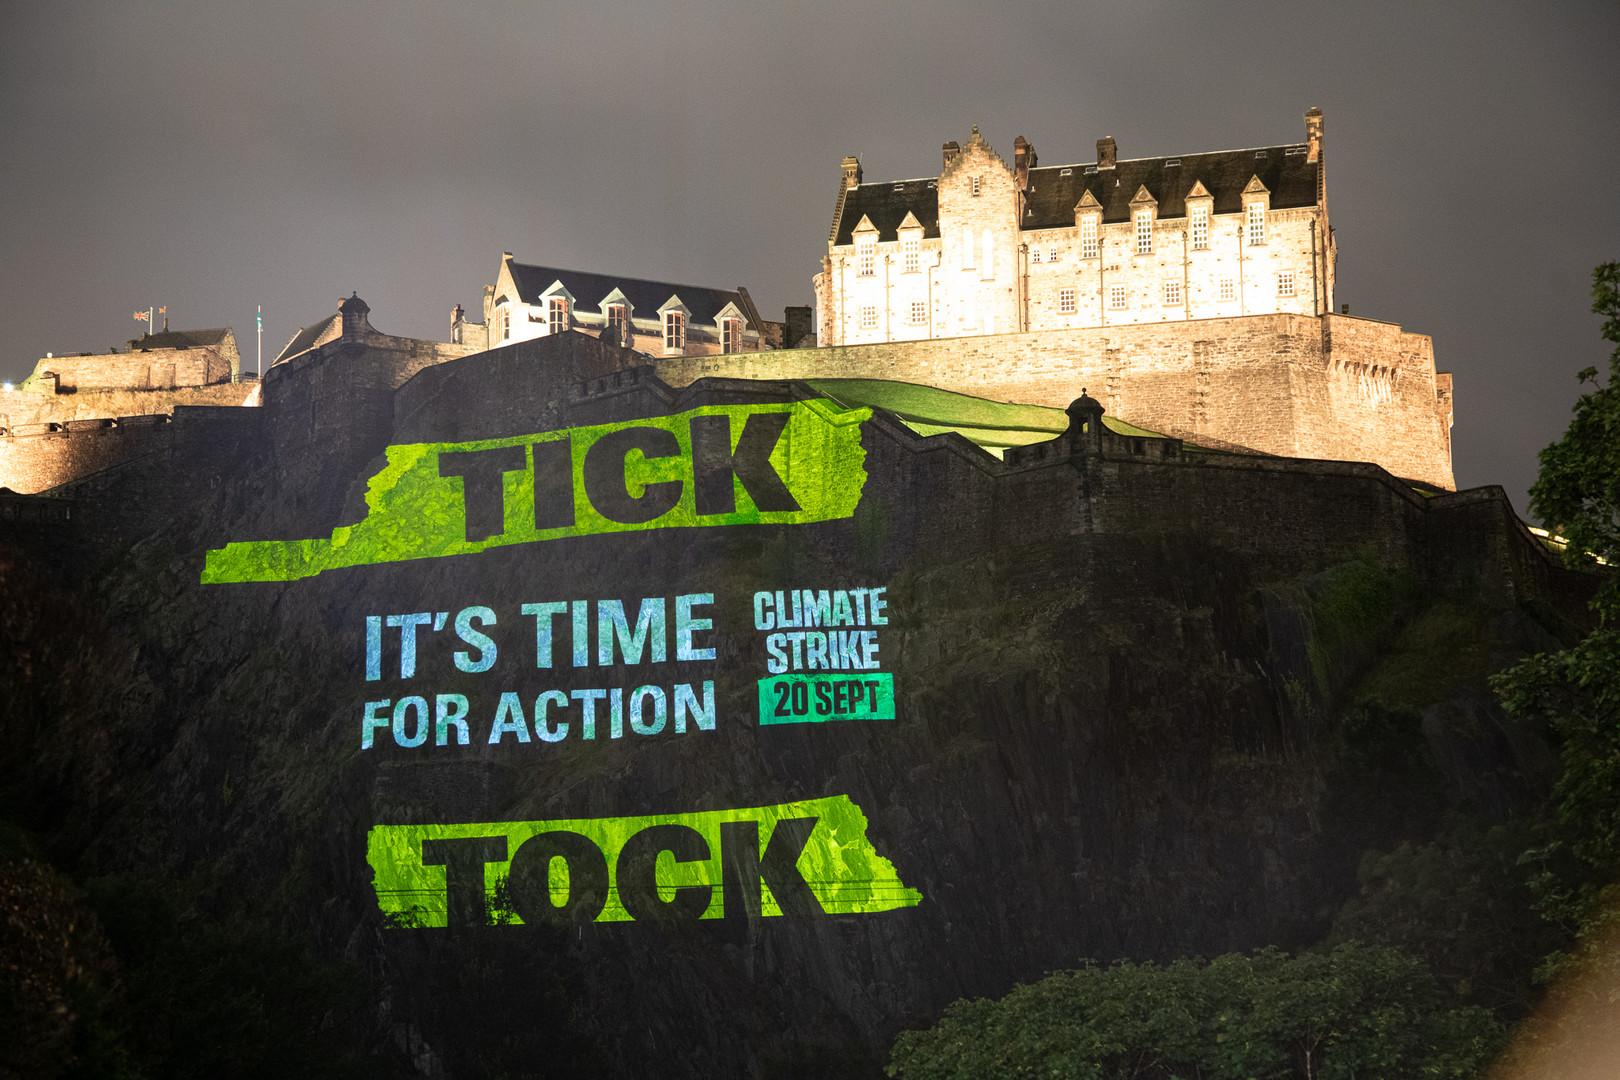 ClimateStrike_Campaign_POW_009.jpg